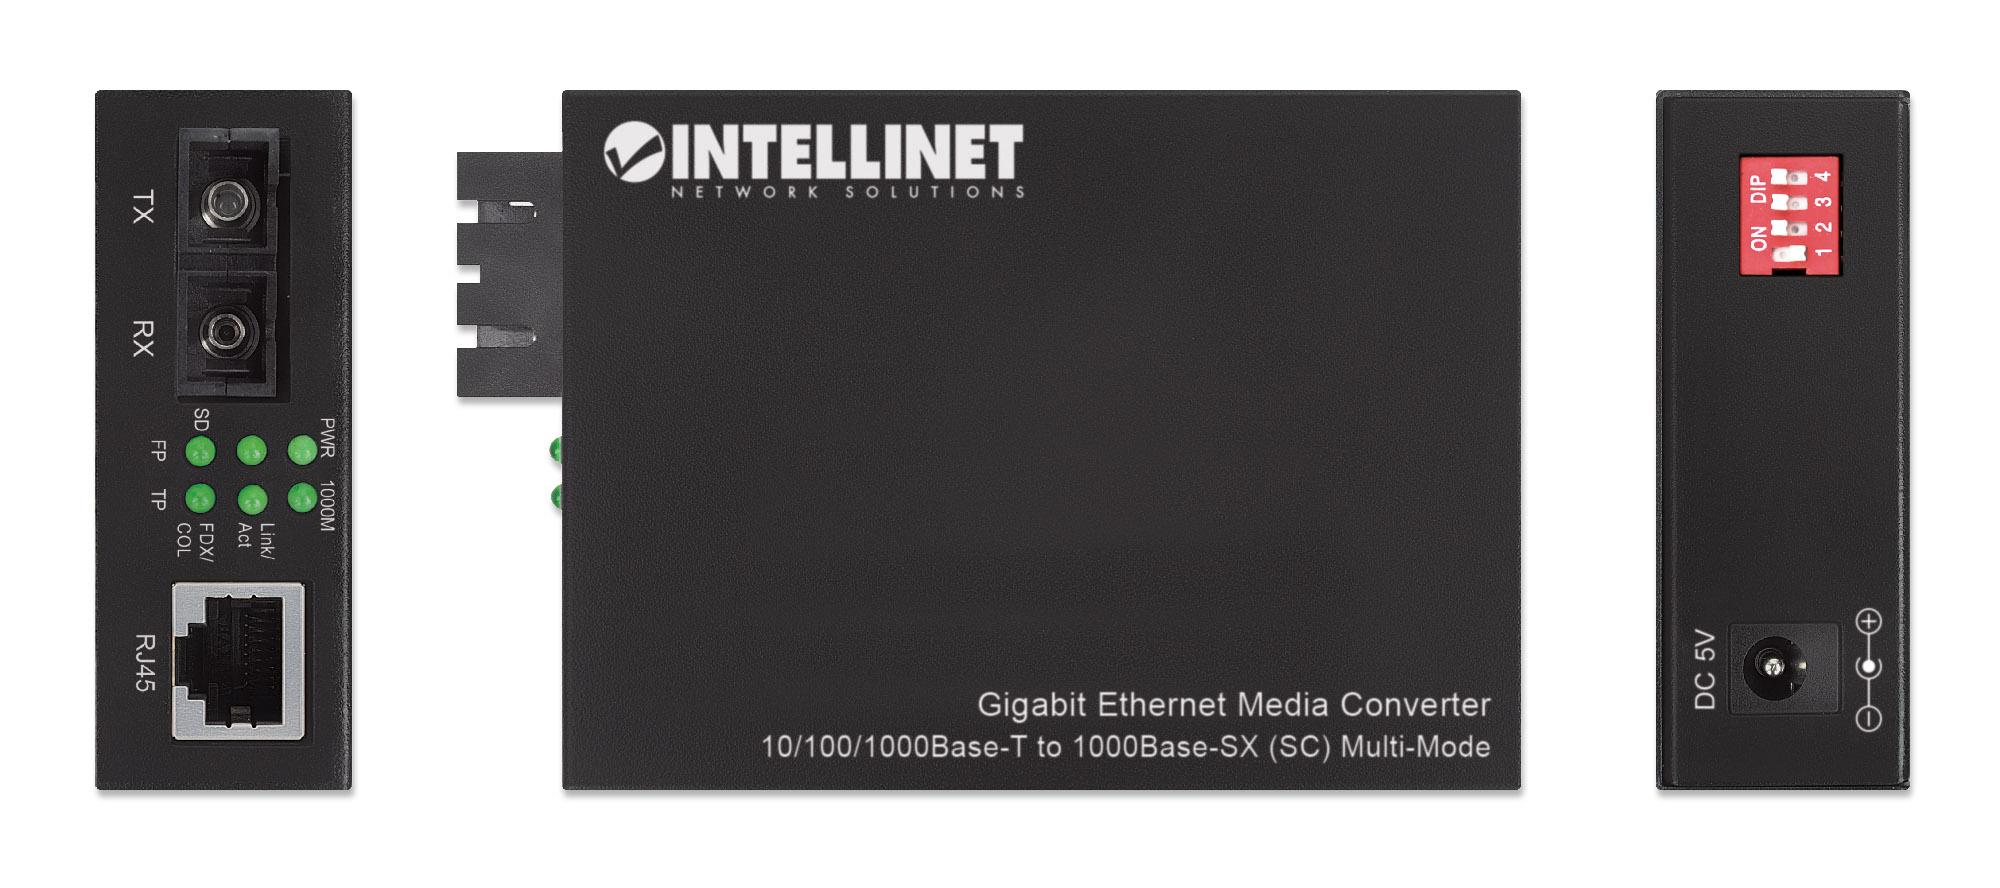 Gigabit Ethernet Media Converter